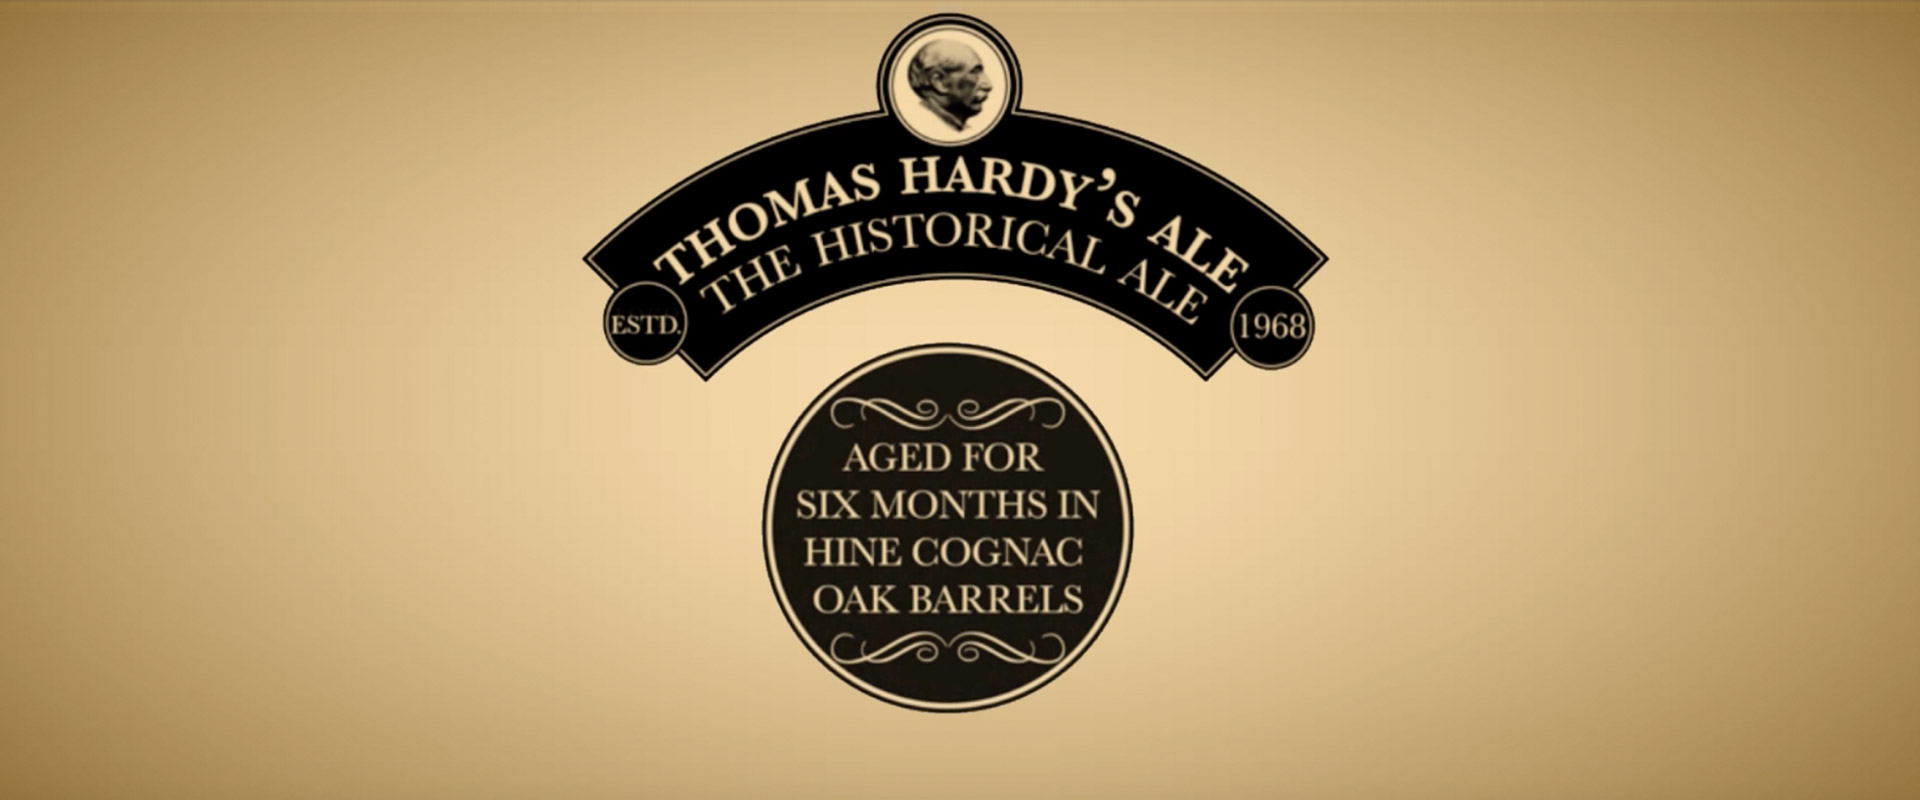 Thomas Hardy's Historical Ale: una birra da intenditori per celebrare un grande artista